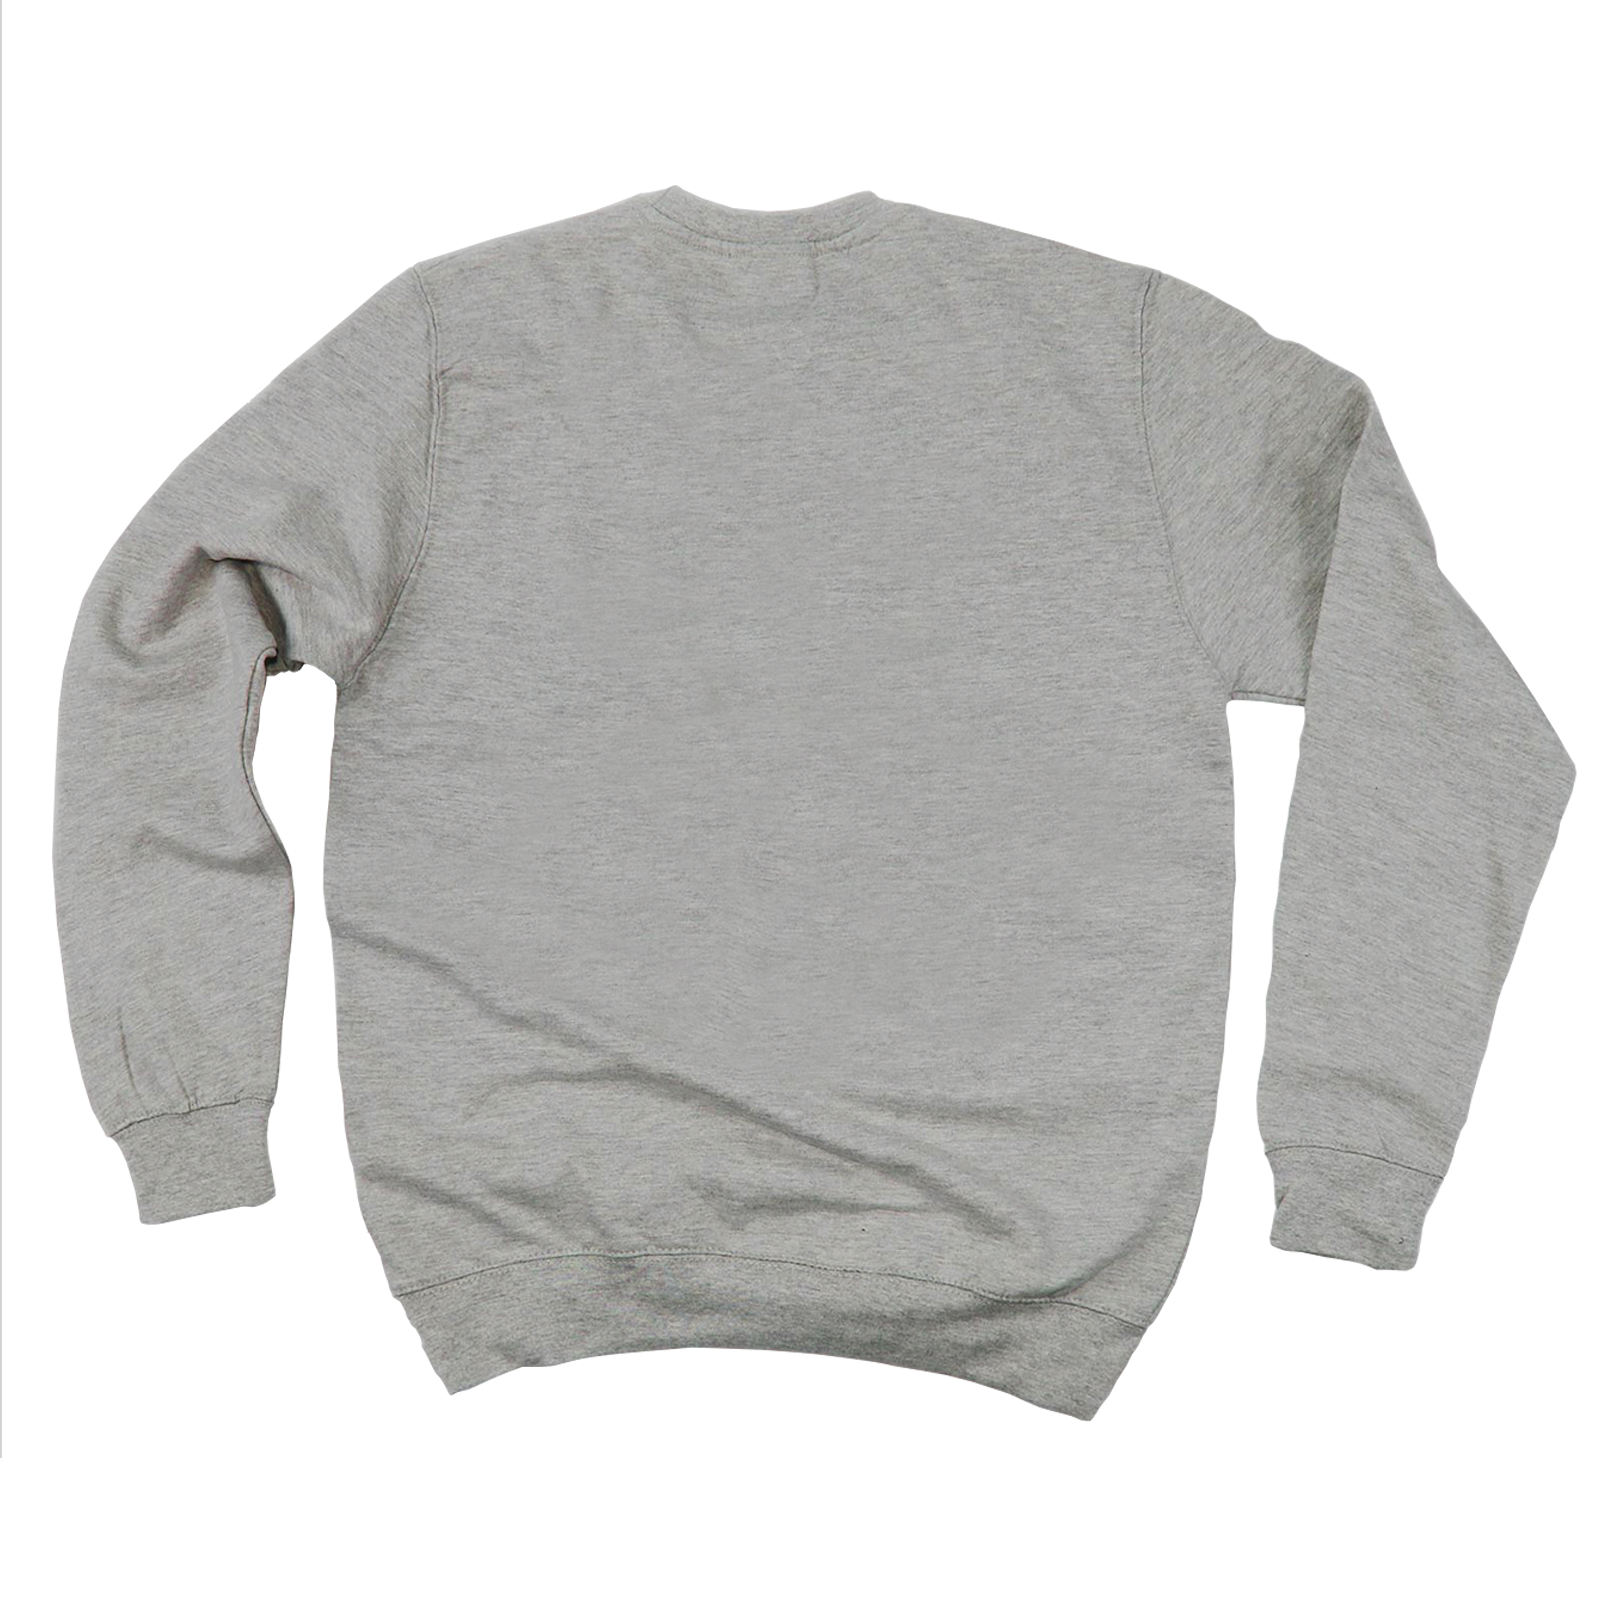 Funny-Sweatshirt-Jenius-Genius-Birthday-Joke-Humour-tee-Gift-Novelty-JUMPER thumbnail 7